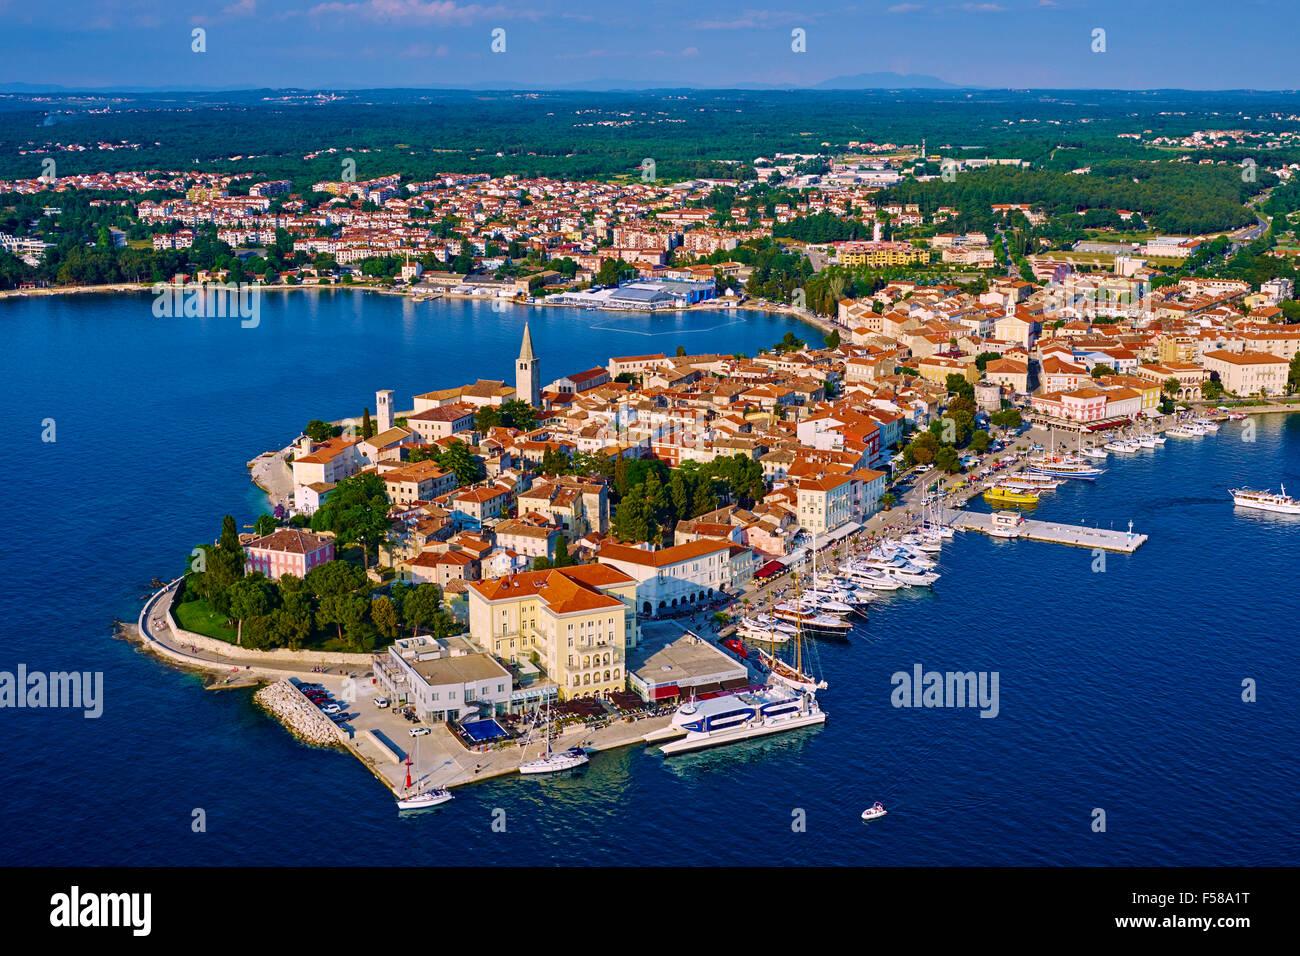 Croatia, Adriatic coast, Istria, village of Porec, aerial view - Stock Image